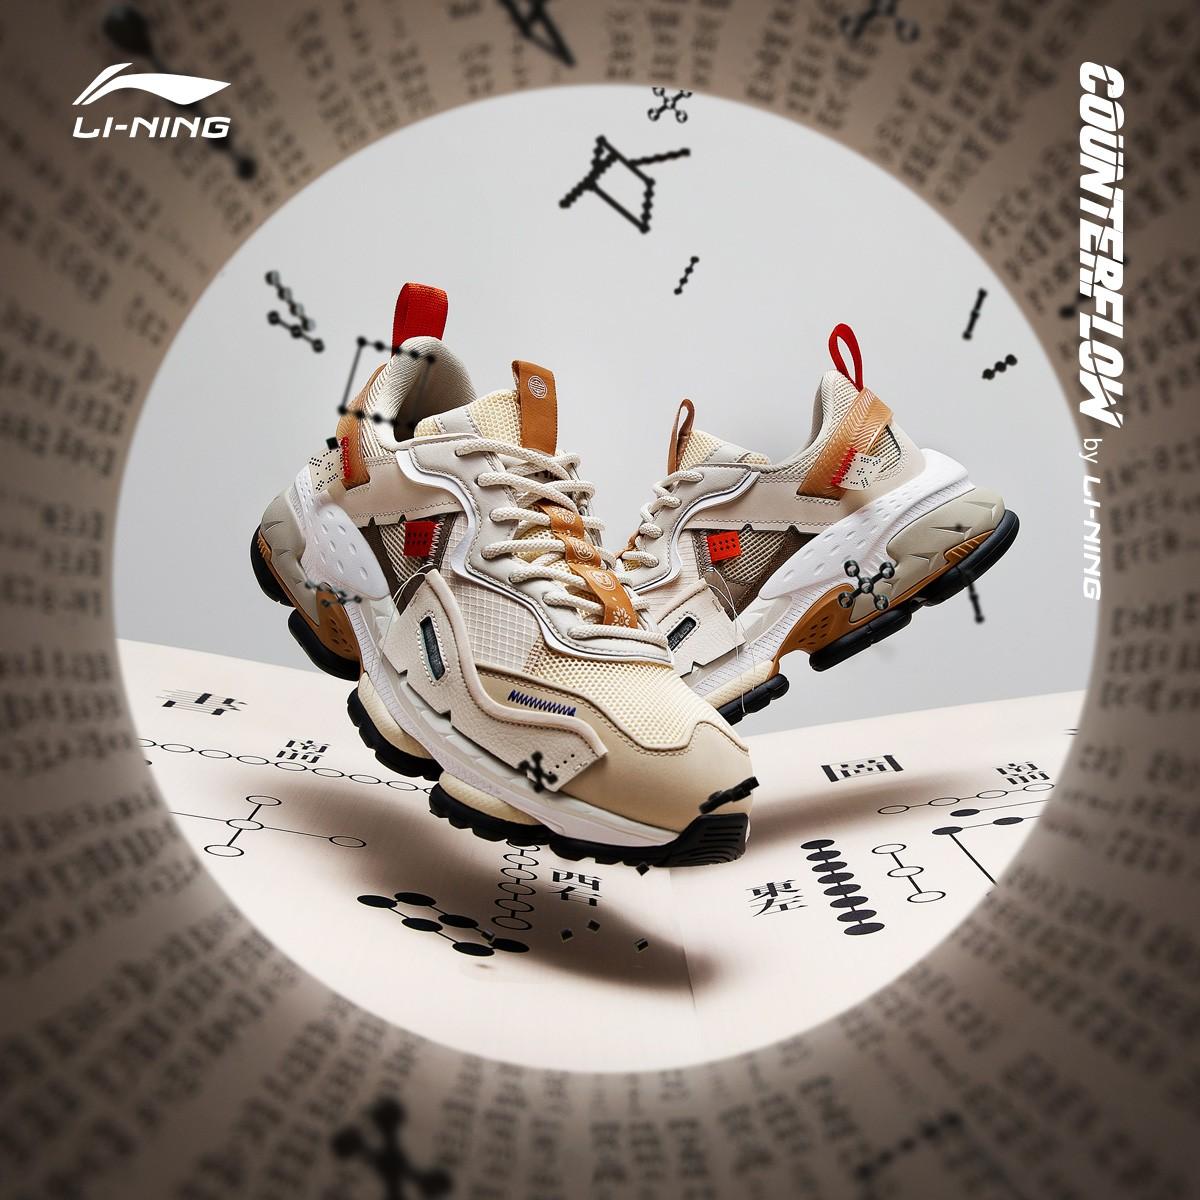 李宁,华晨宇,发售  华晨宇上脚演绎!李宁溯系列新鞋即将发售!